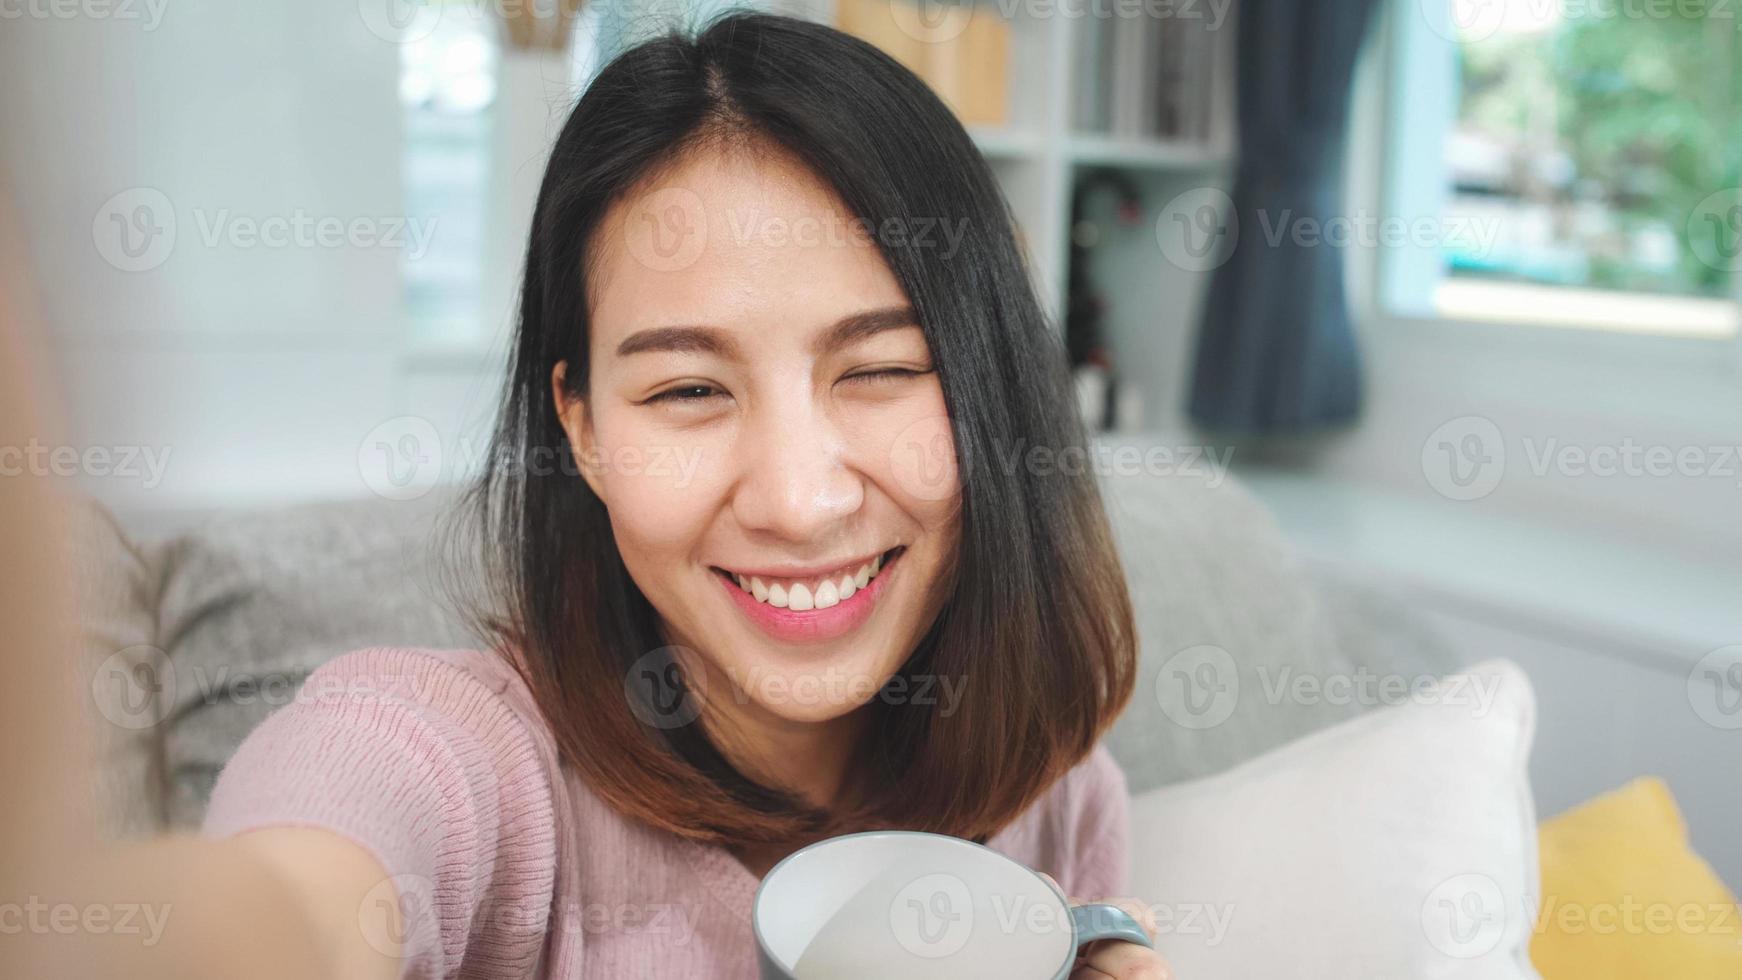 jonge aziatische tienervrouw vlog thuis, vrouw drinkt koffie en gebruikt een smartphone die vlog-video maakt naar sociale media in de woonkamer. levensstijl vrouw ontspannen in de ochtend thuis concept. foto